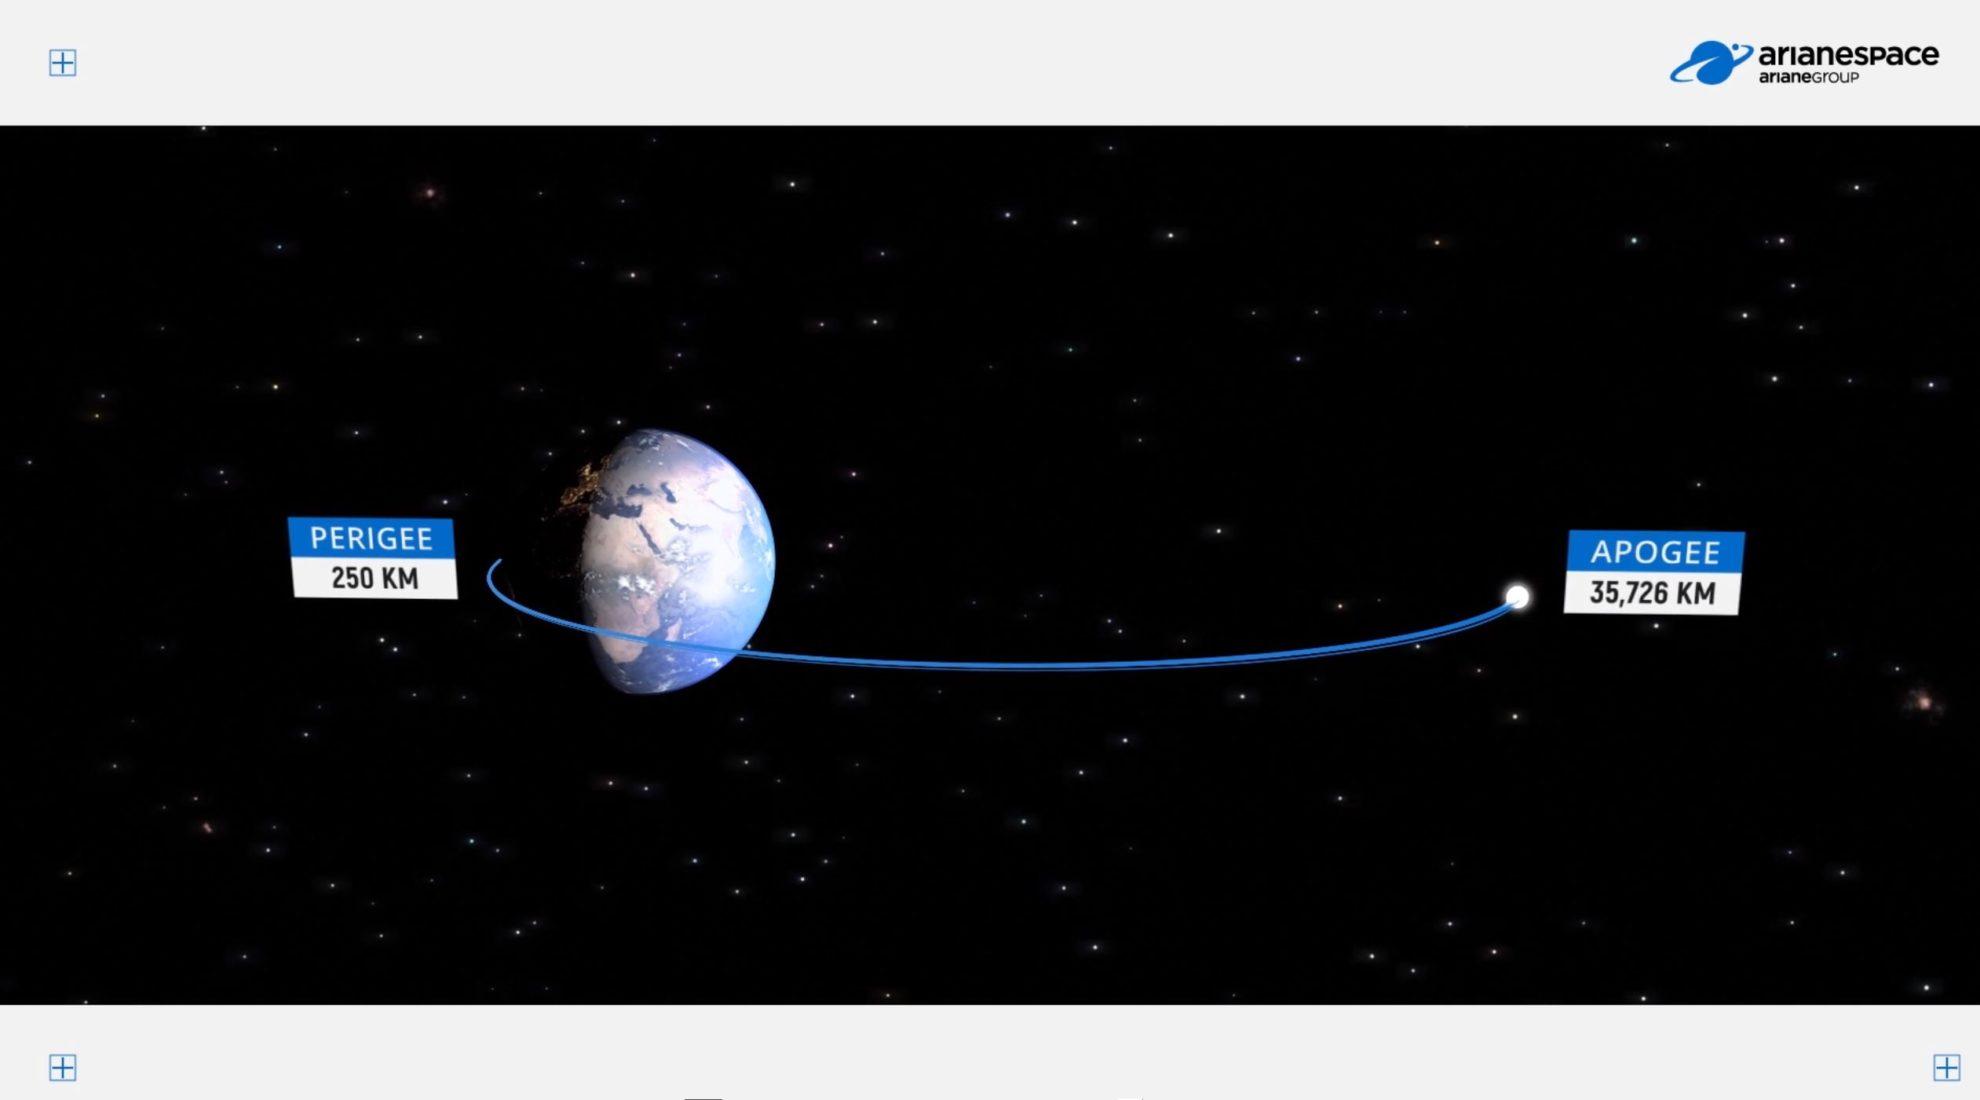 Arianespace 03